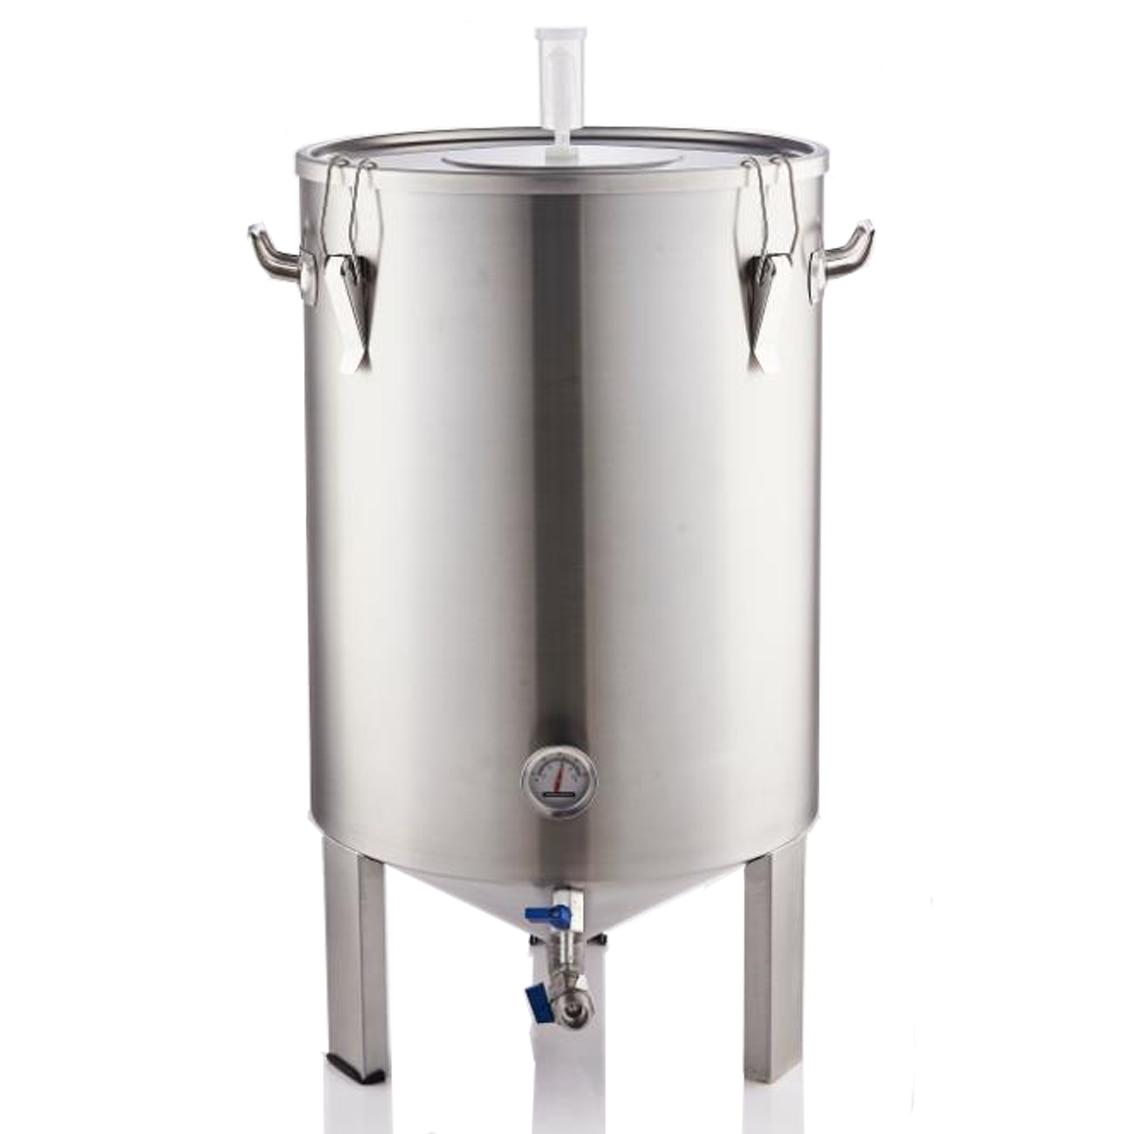 Fermentador de 50L, tanque de acero inoxidable, depósito de fermentación de vino